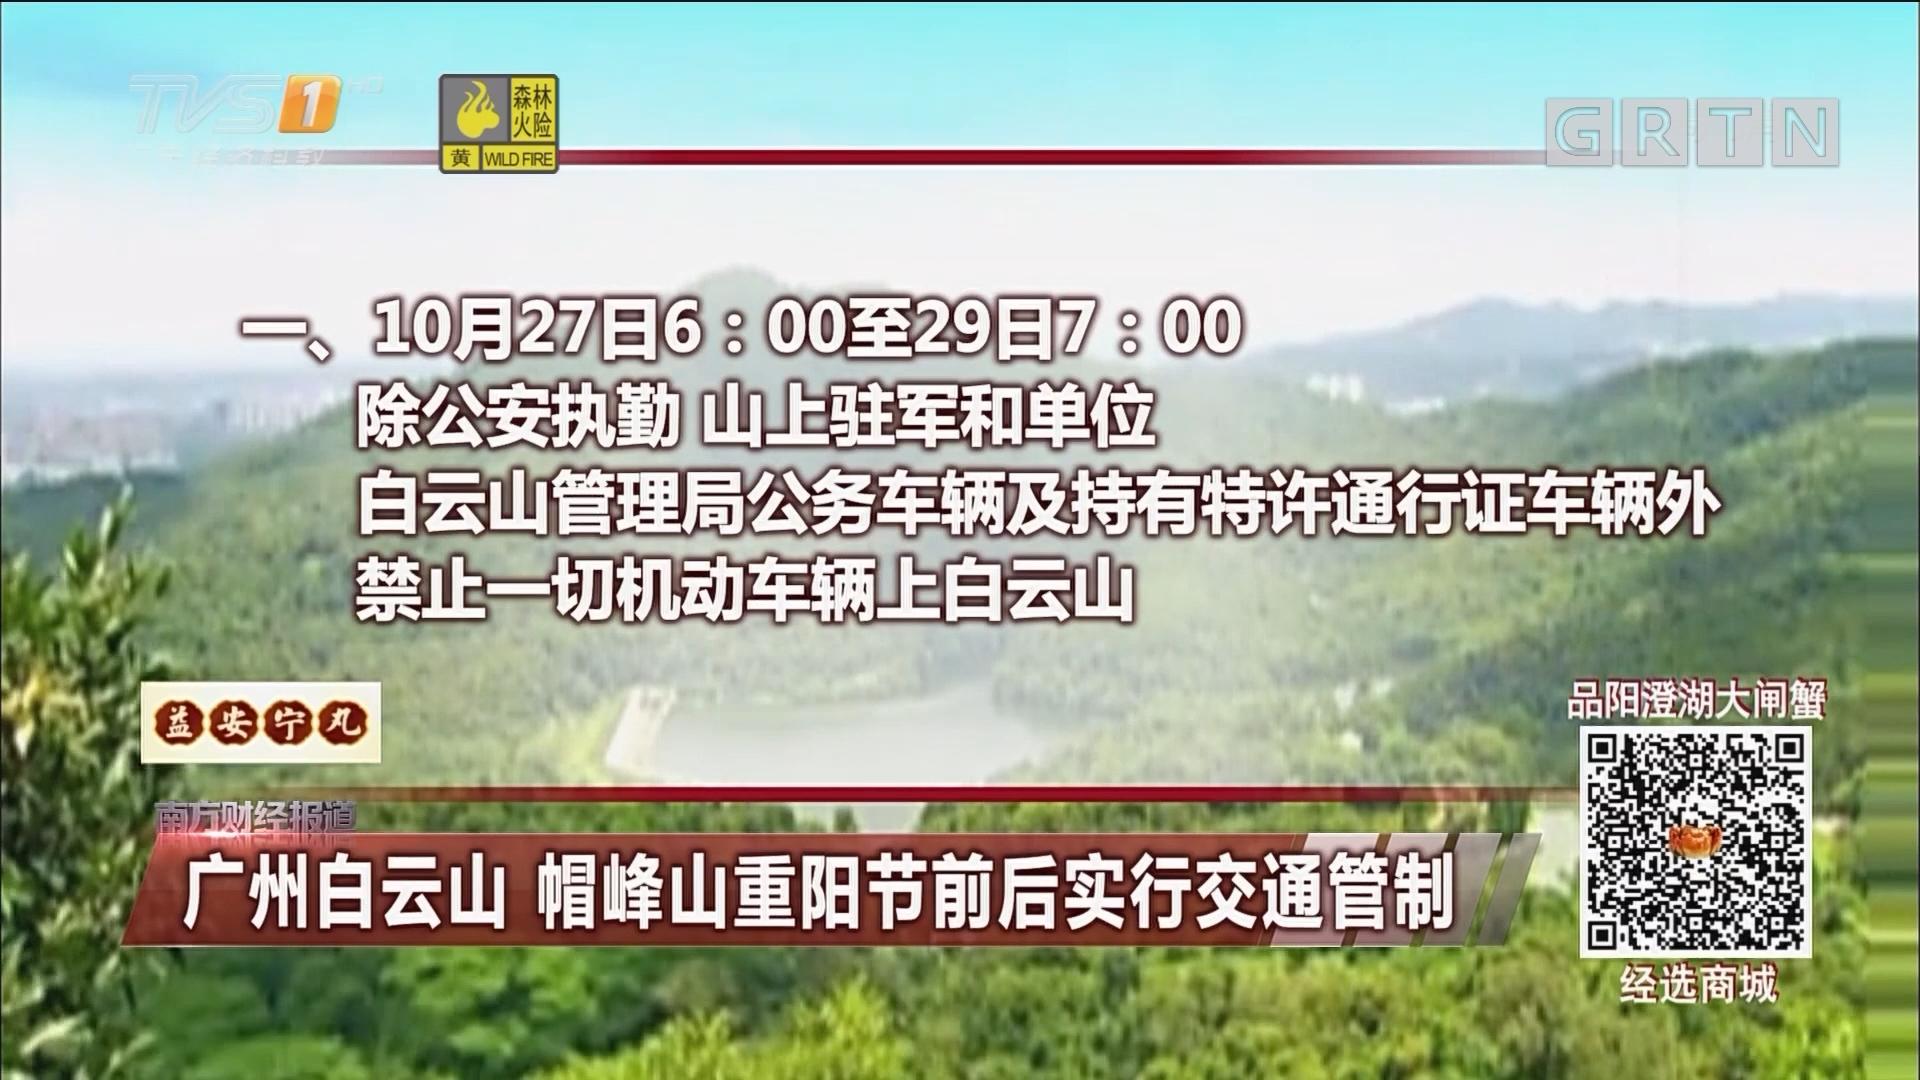 广州白云山 帽峰山重阳节前后实行交通管制